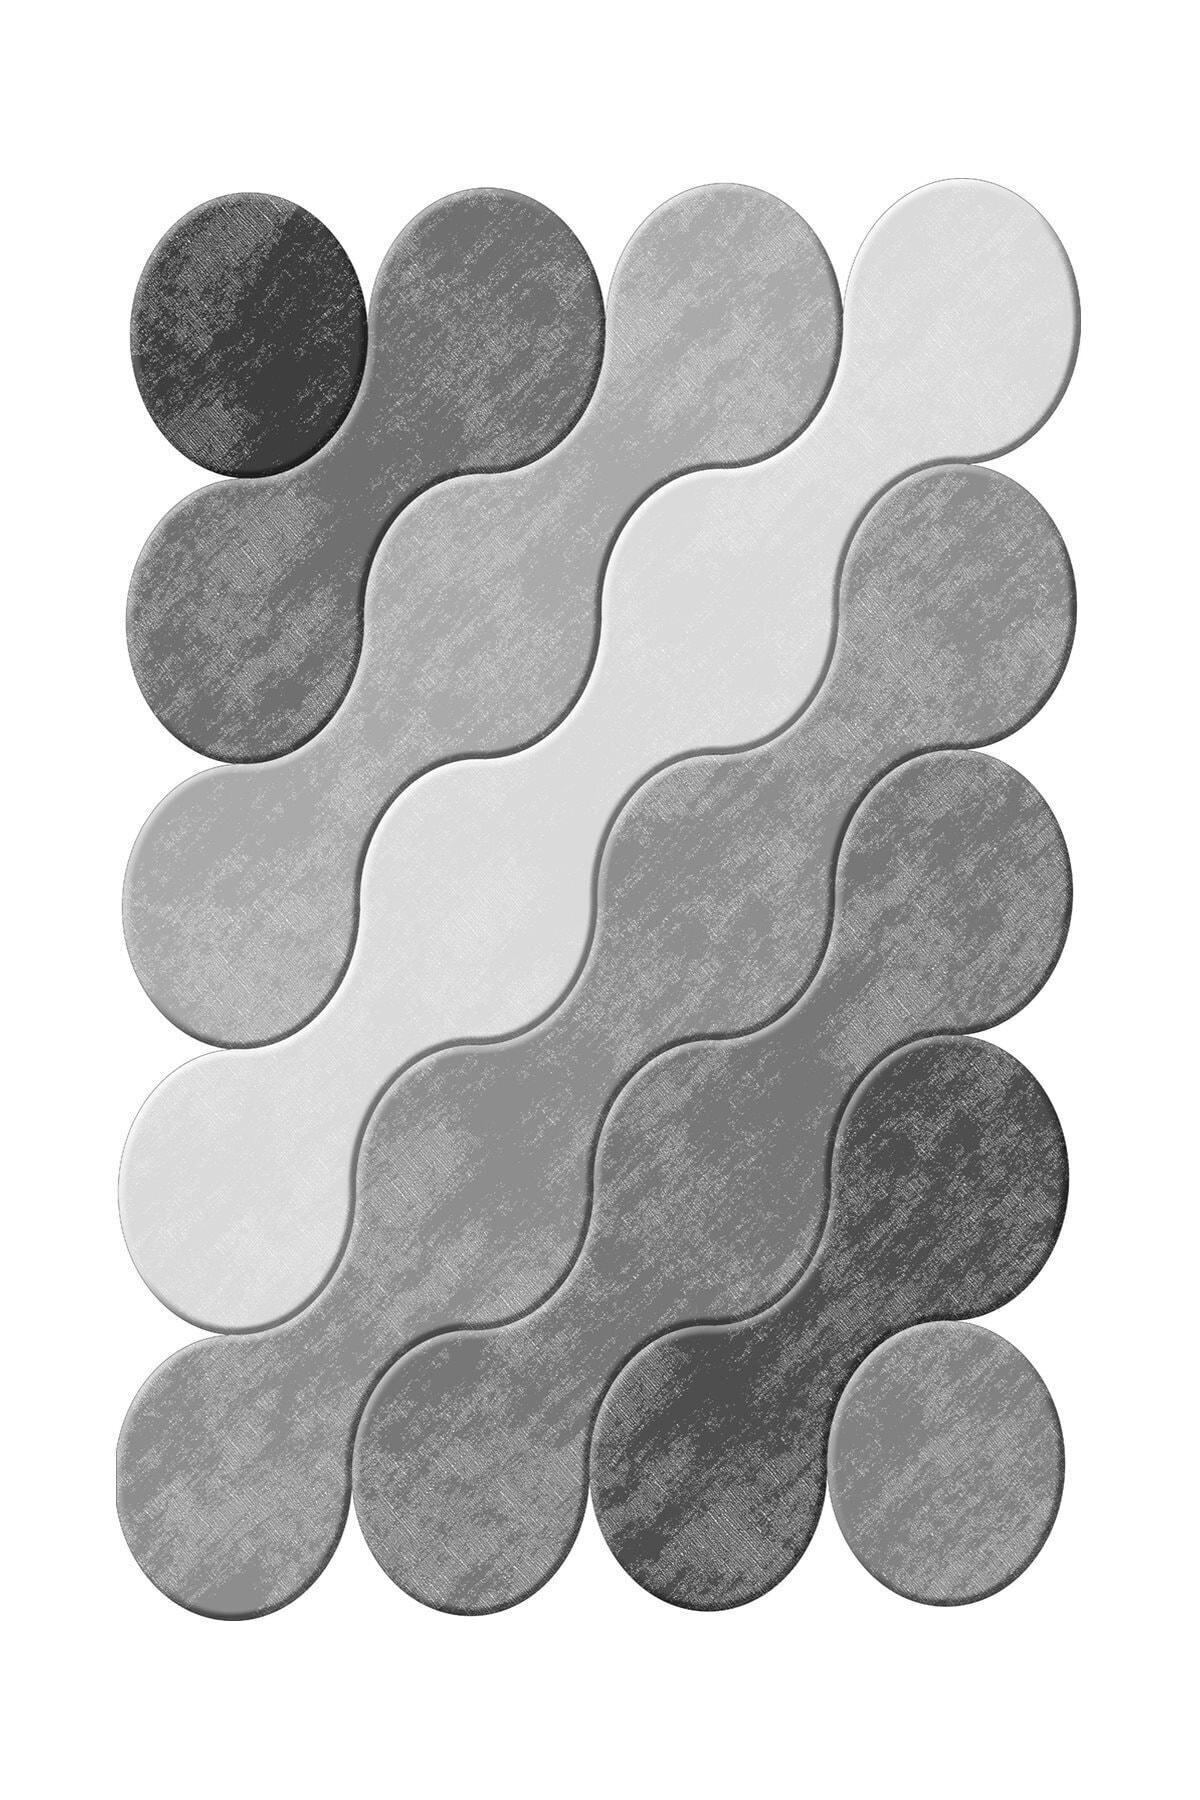 elleser Dekoratif Yıkanabilir Kaymaz Tabanlı Lazer Kesim Halı Kzd-117grı-160x230 2